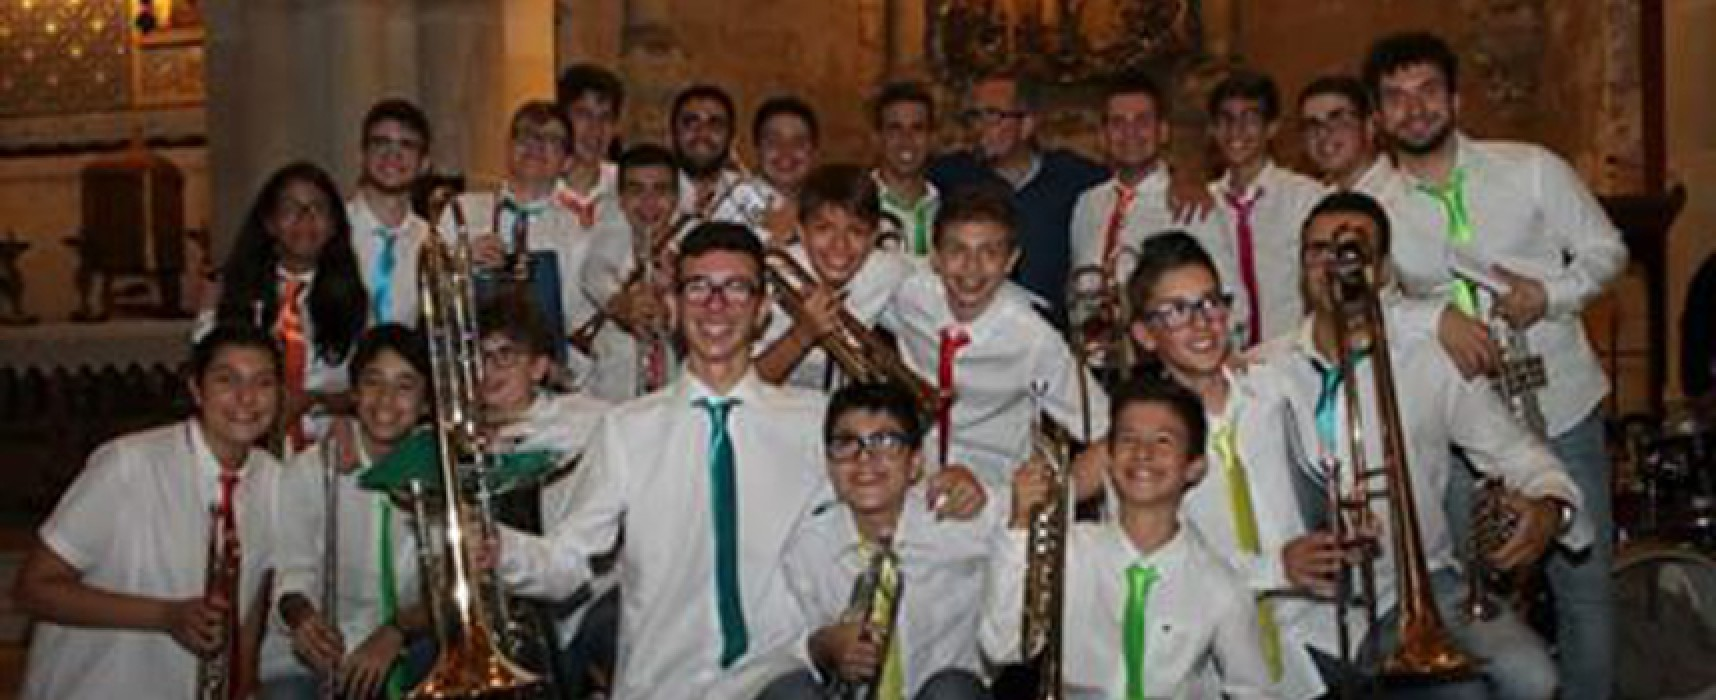 """La brass ensemble """"Il Cenacolo"""" in concerto alla Cattedrale in onore ai Santi Martiri e alla Madonna Addolorata"""